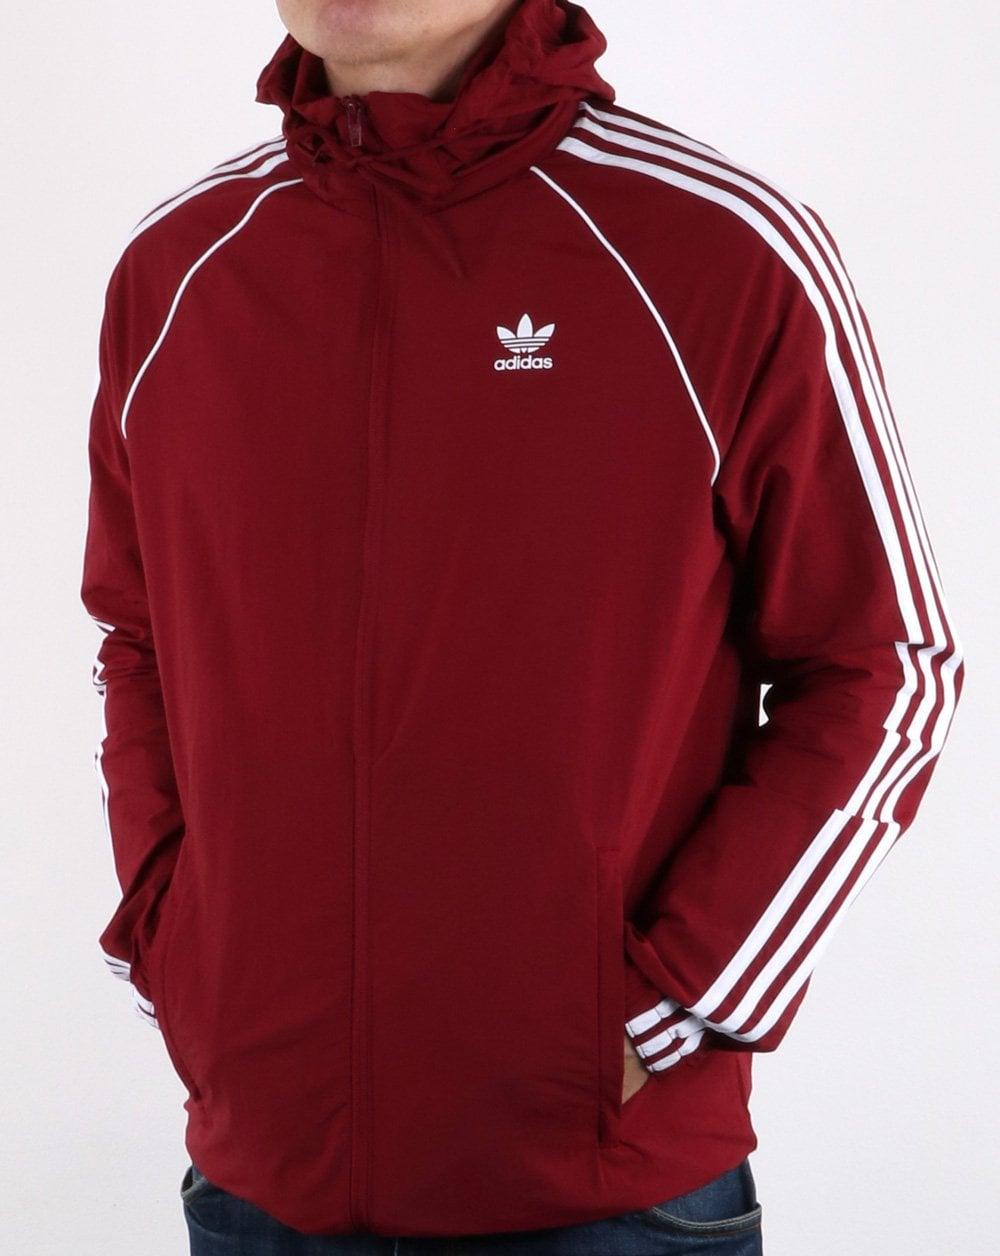 adidas Originals Adidas Originals Superstar Windbreaker Collegiate Burgundy ab7516911e5